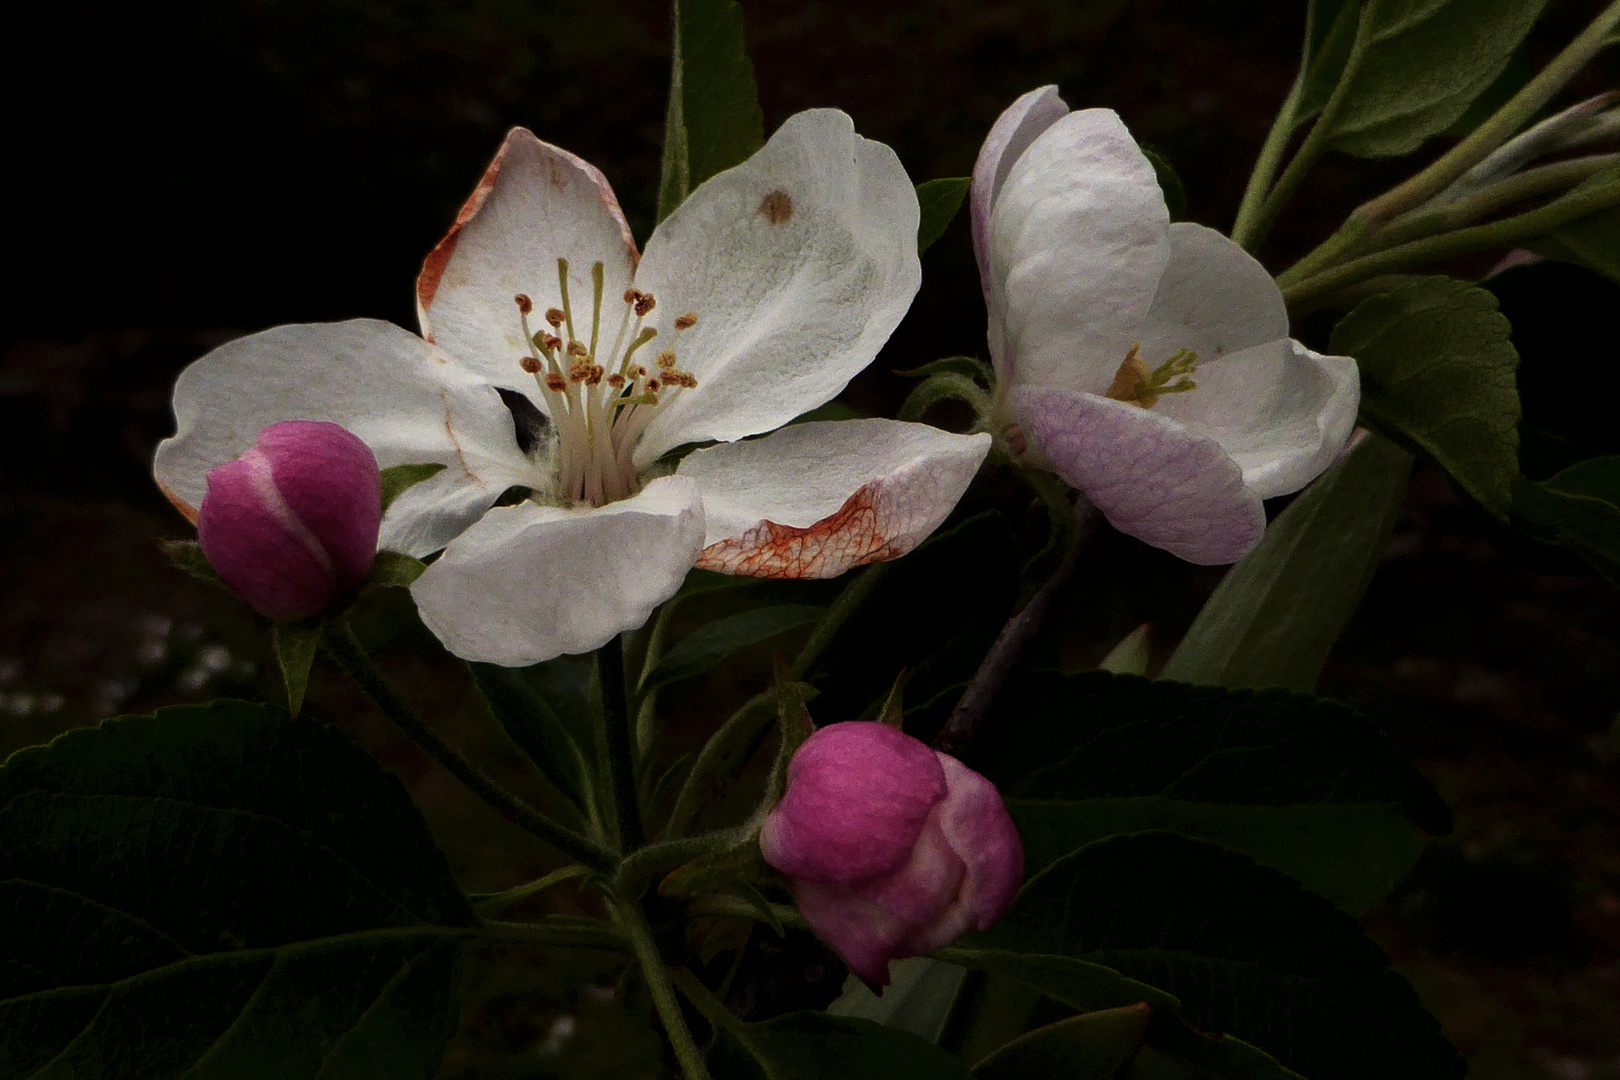 ...fiori di melo...